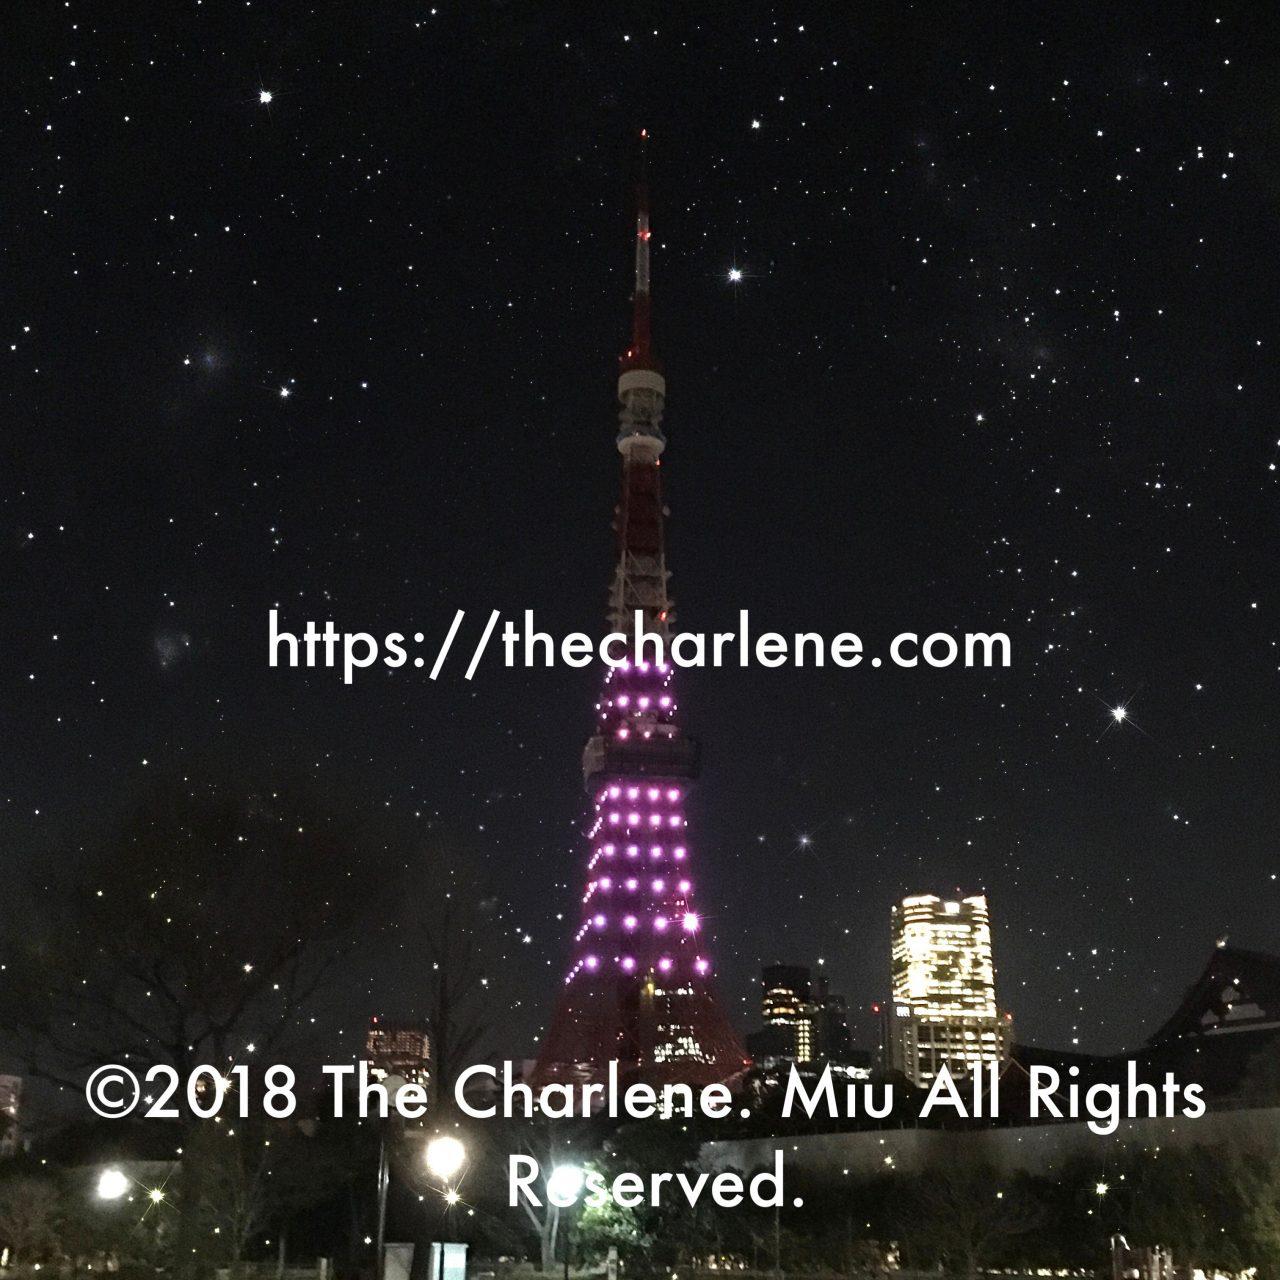 今日の東京タワーのイルミネーションは満月の夜だけの限定イベント「満月ダイヤモンドヴェール」©2018 The Charlene. Miu All Rights Reserved.